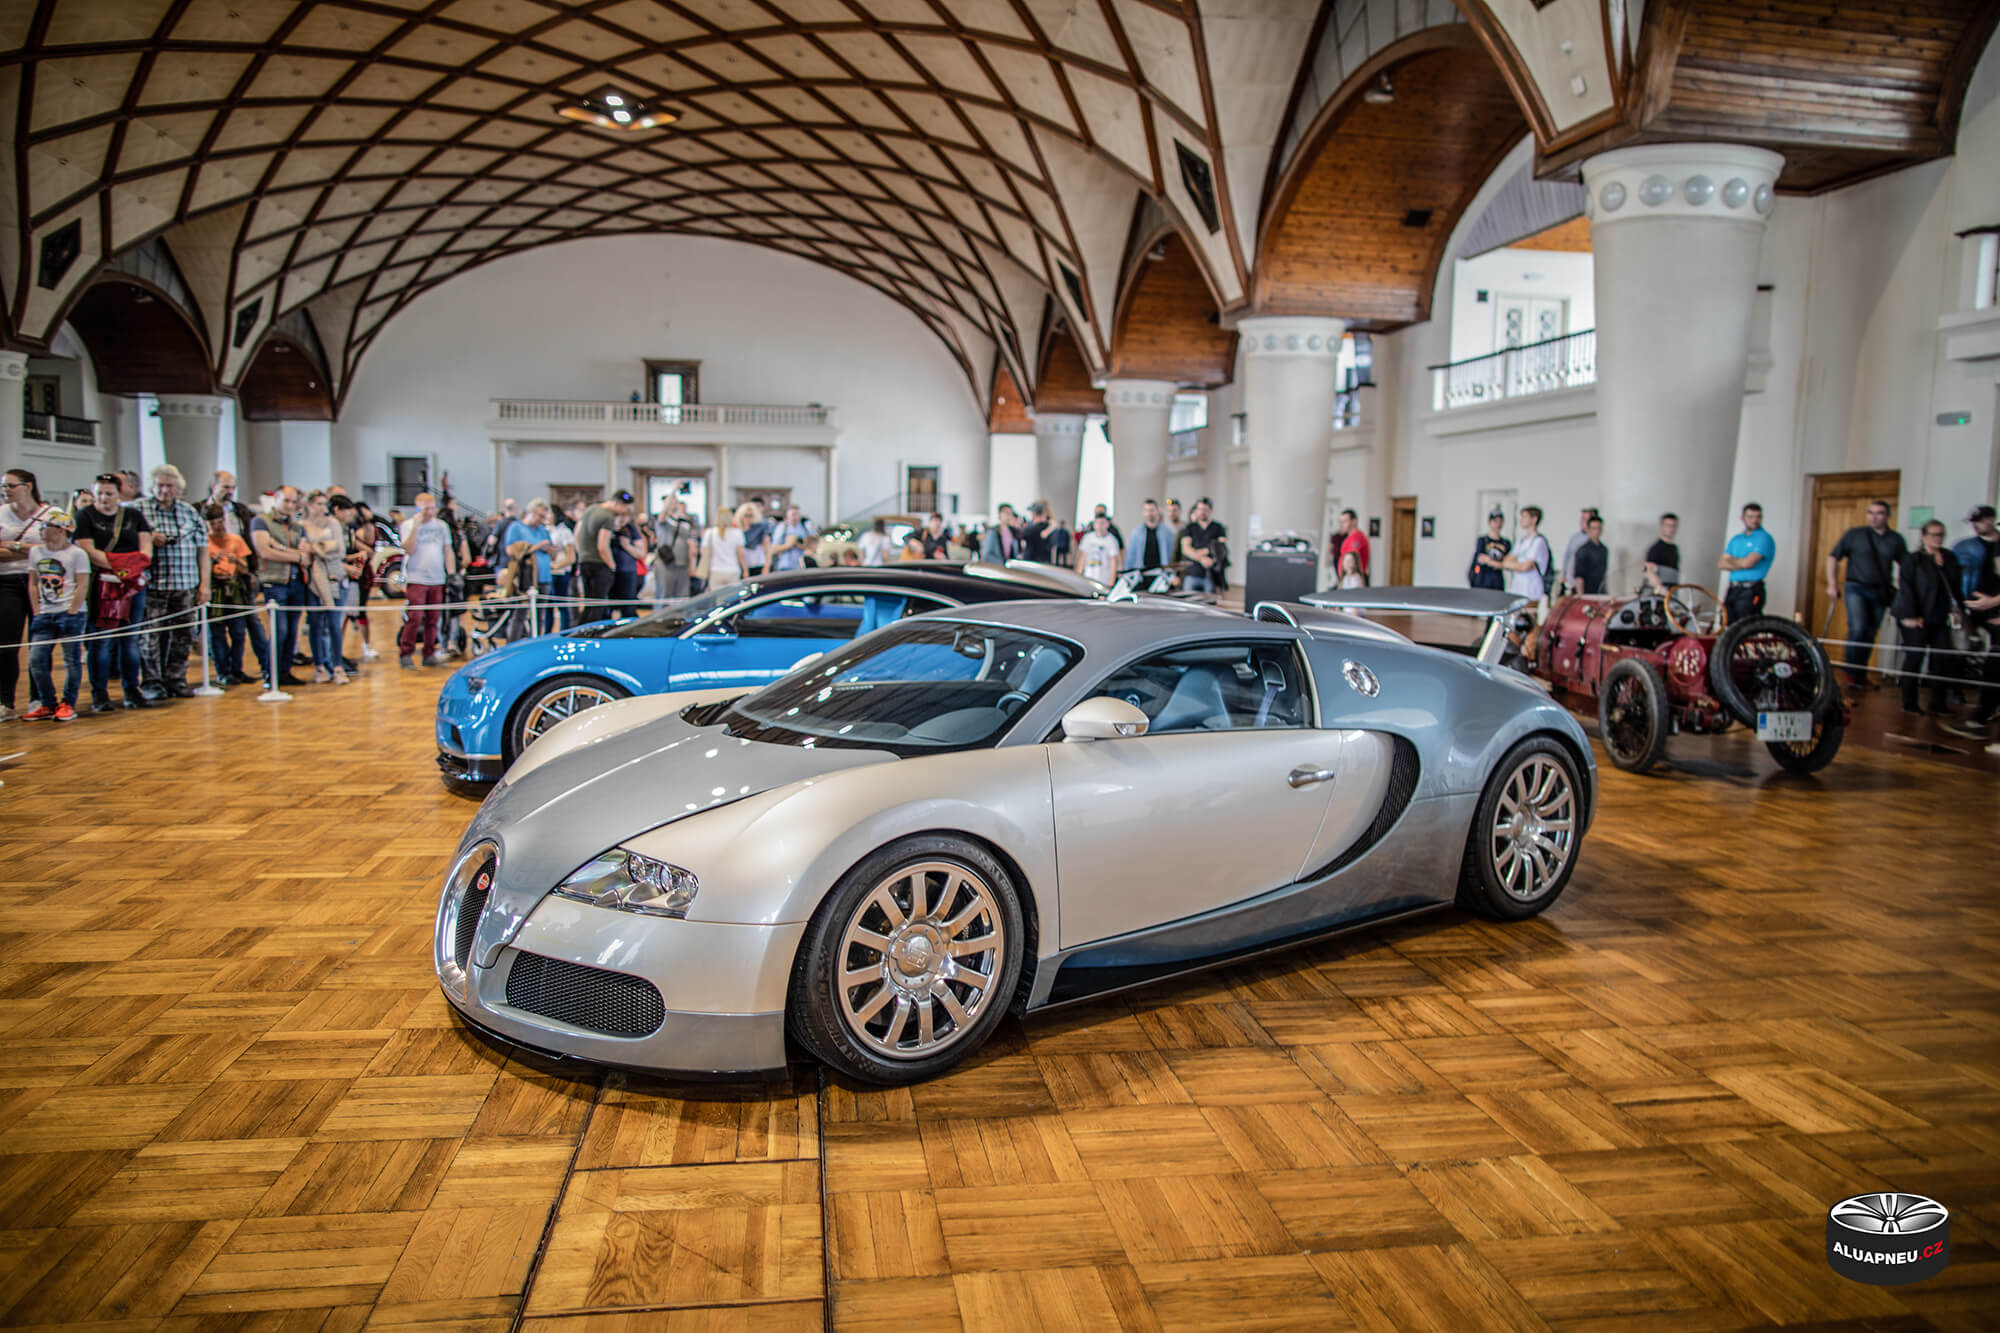 Alu kola Bugatti Veyron - Legendy 2019 - www.aluapneu.cz